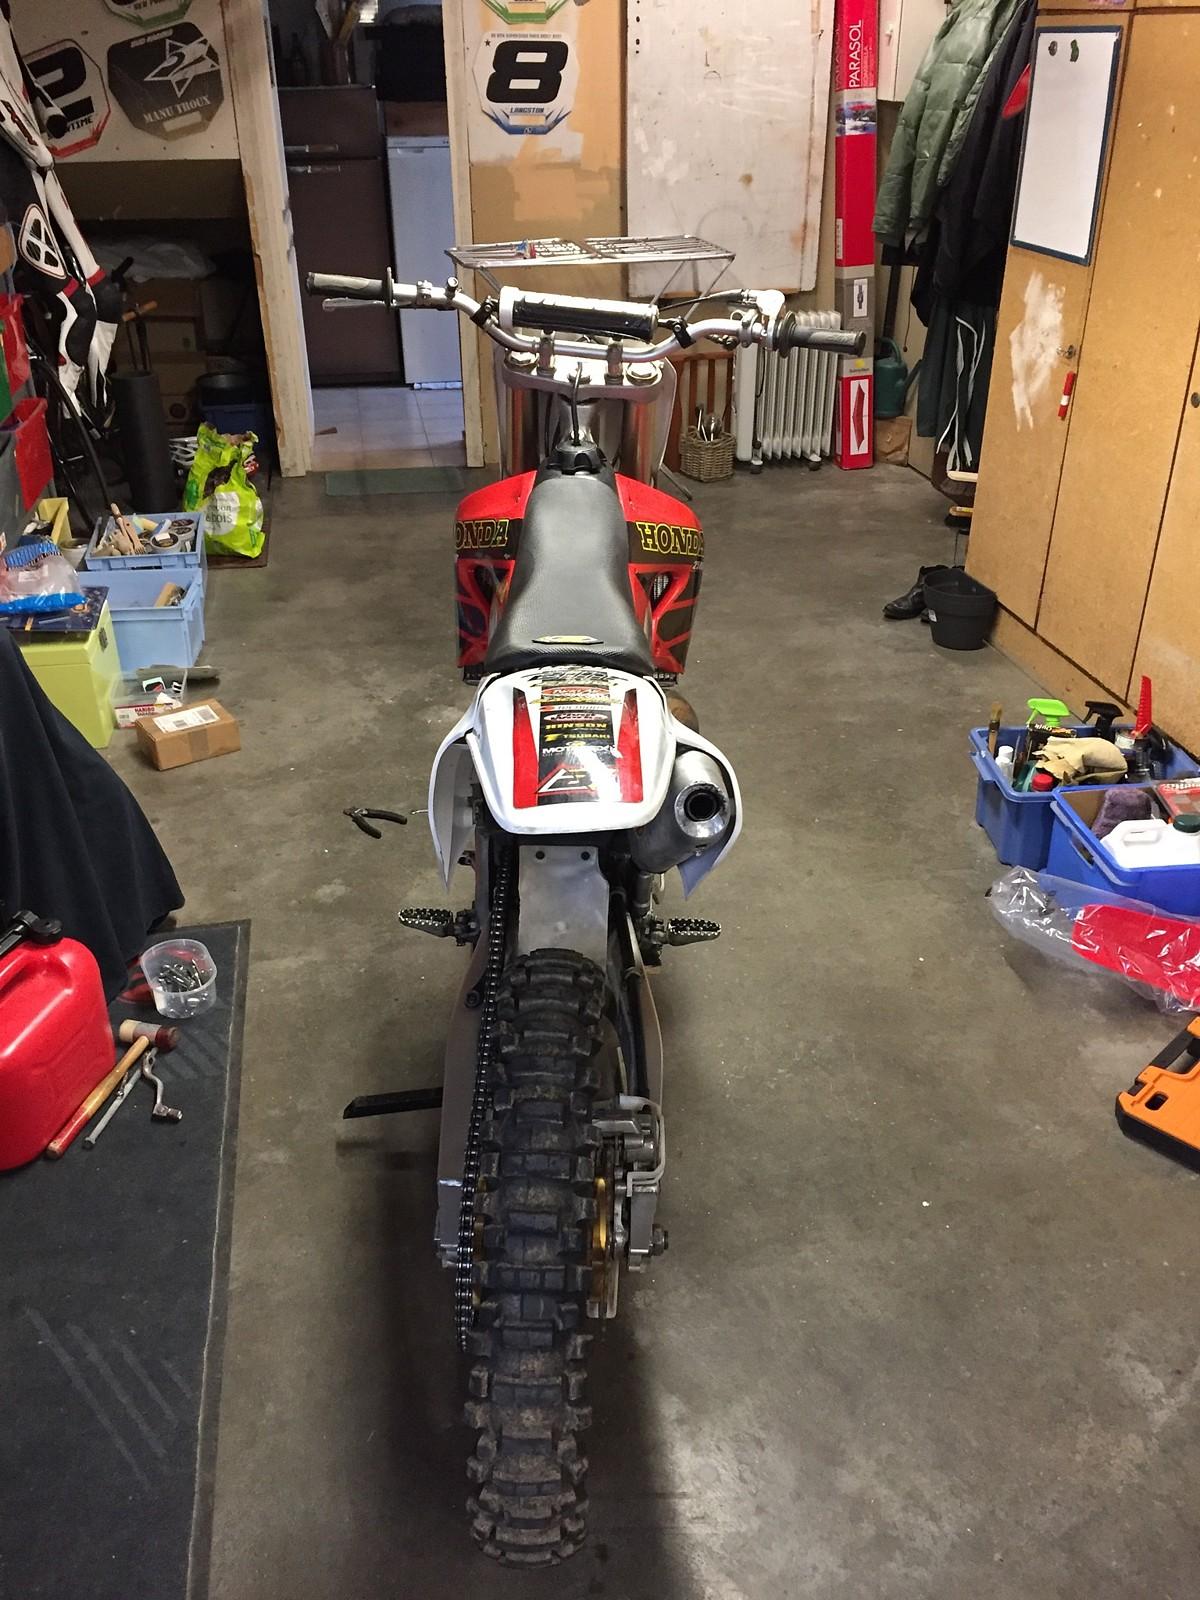 B2B1892B-4FCE-46EC-89F1-D59772BB2F08 - Godcho - Motocross Pictures - Vital MX